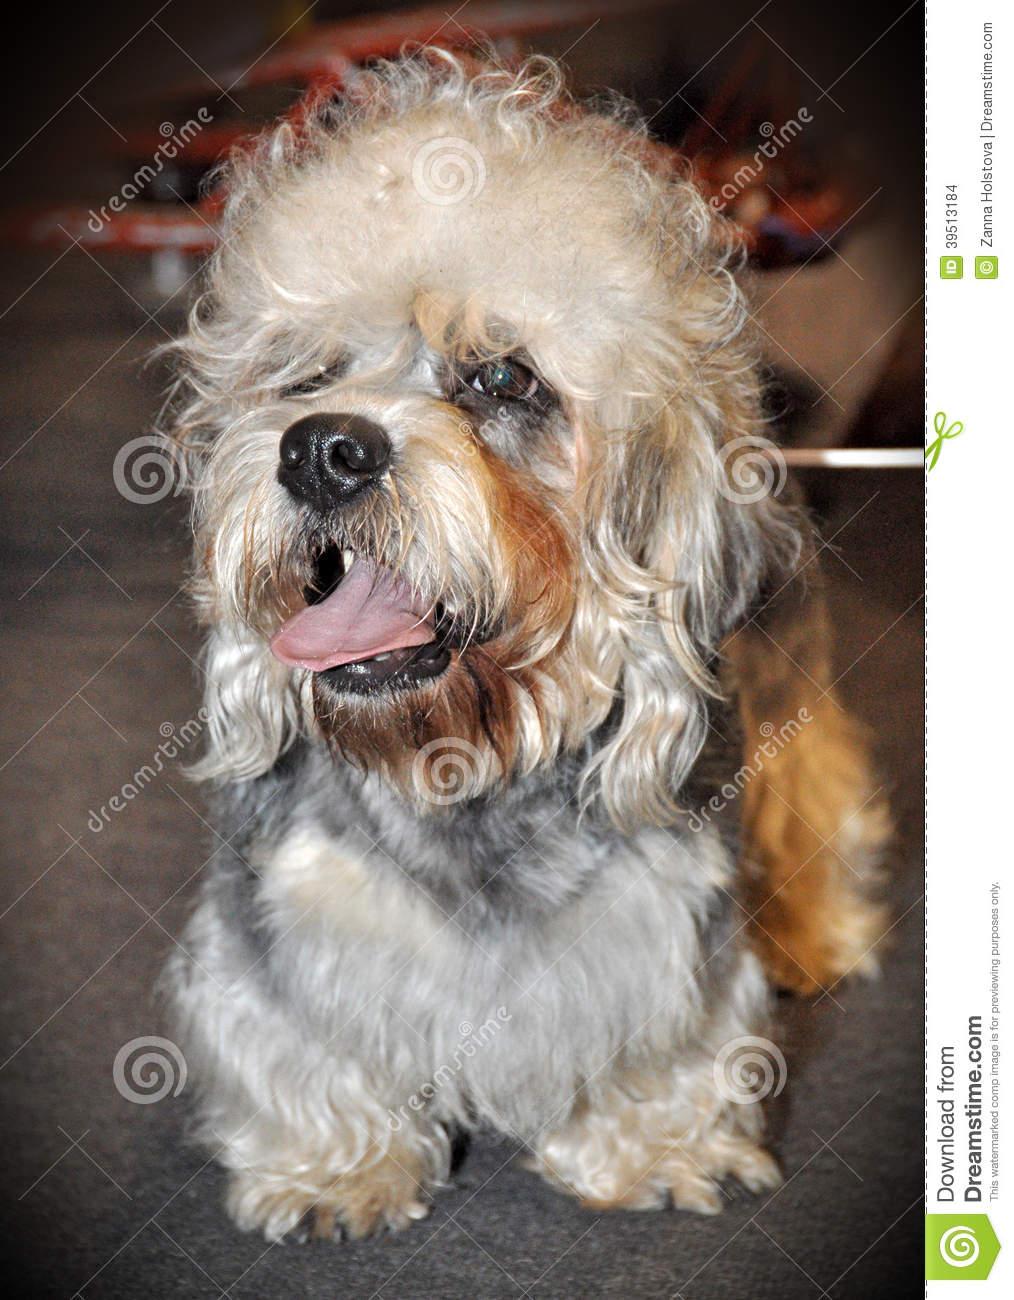 Dandie Dinmont Terrier Dog: Dandie Stock S Dandie Dinmont Terrier Dog Small Scottish Breed Family Breed Has Very Long Body Short Legs